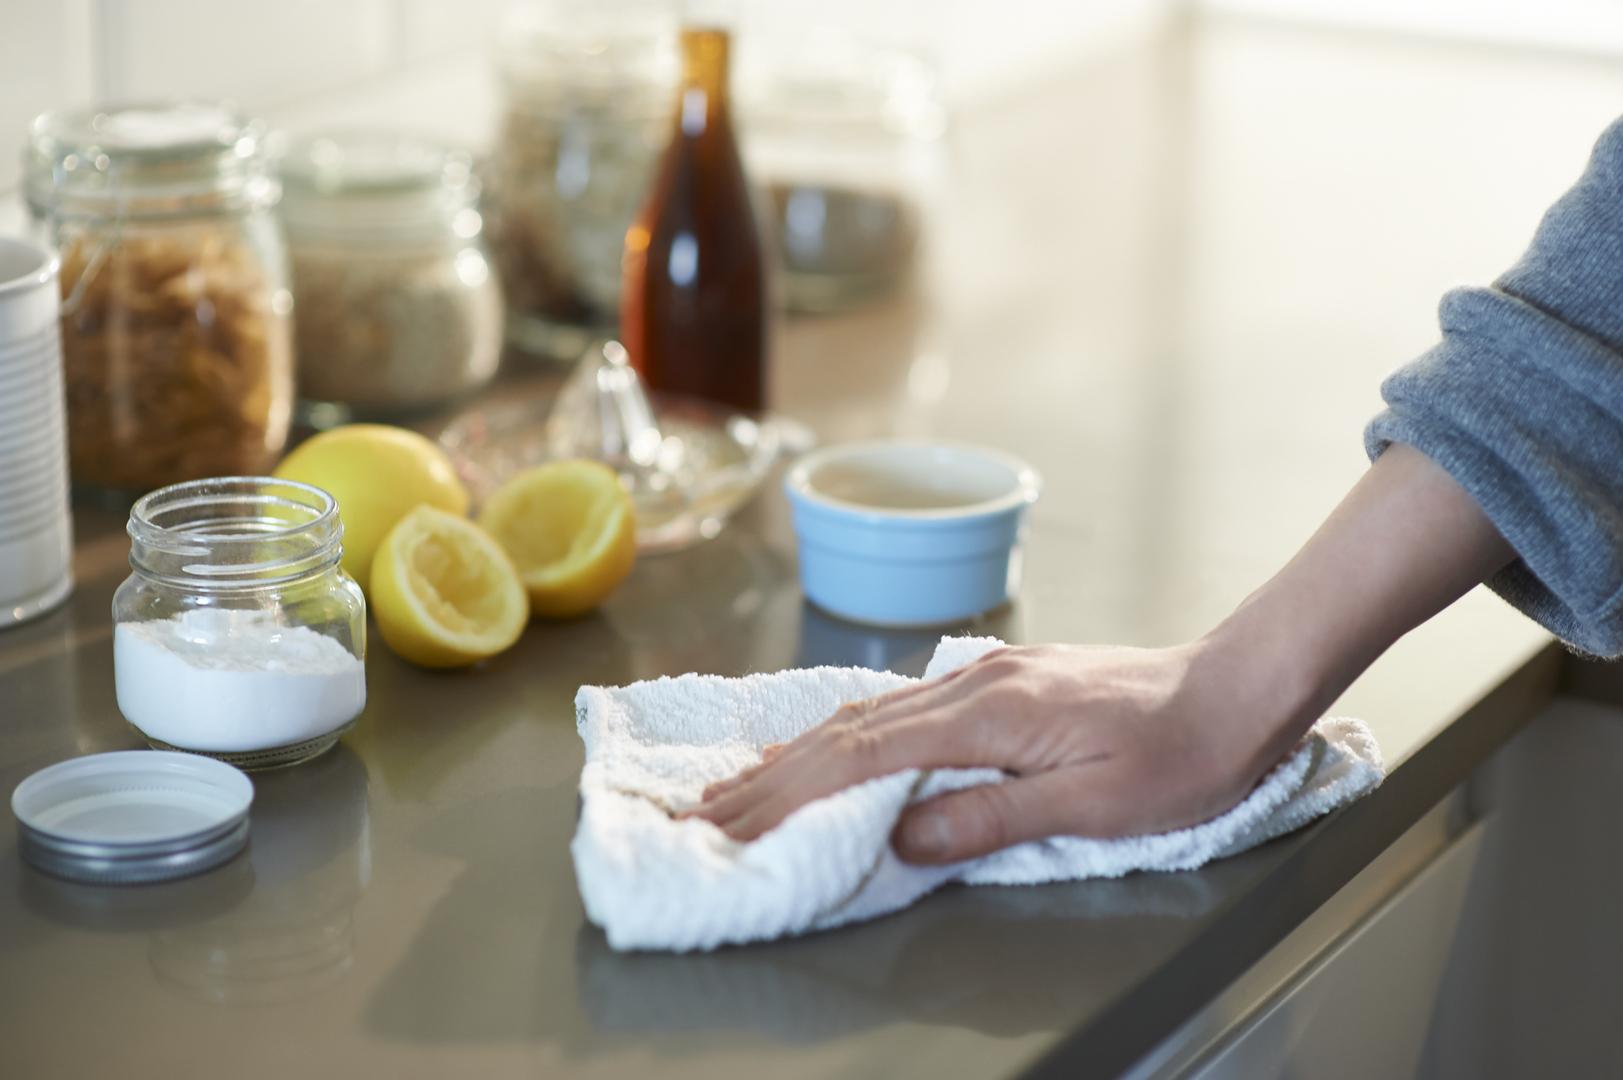 منتجات نستخدمها في المنازل قد تزيد من مخاطر الإصابة بأمراض باركنسون والسرطان